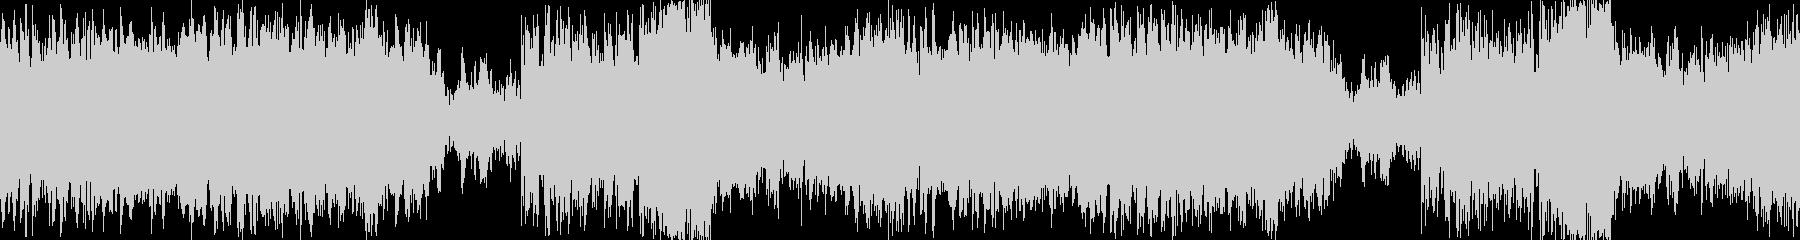 ハロウィンBGM:華麗なるワルツの未再生の波形